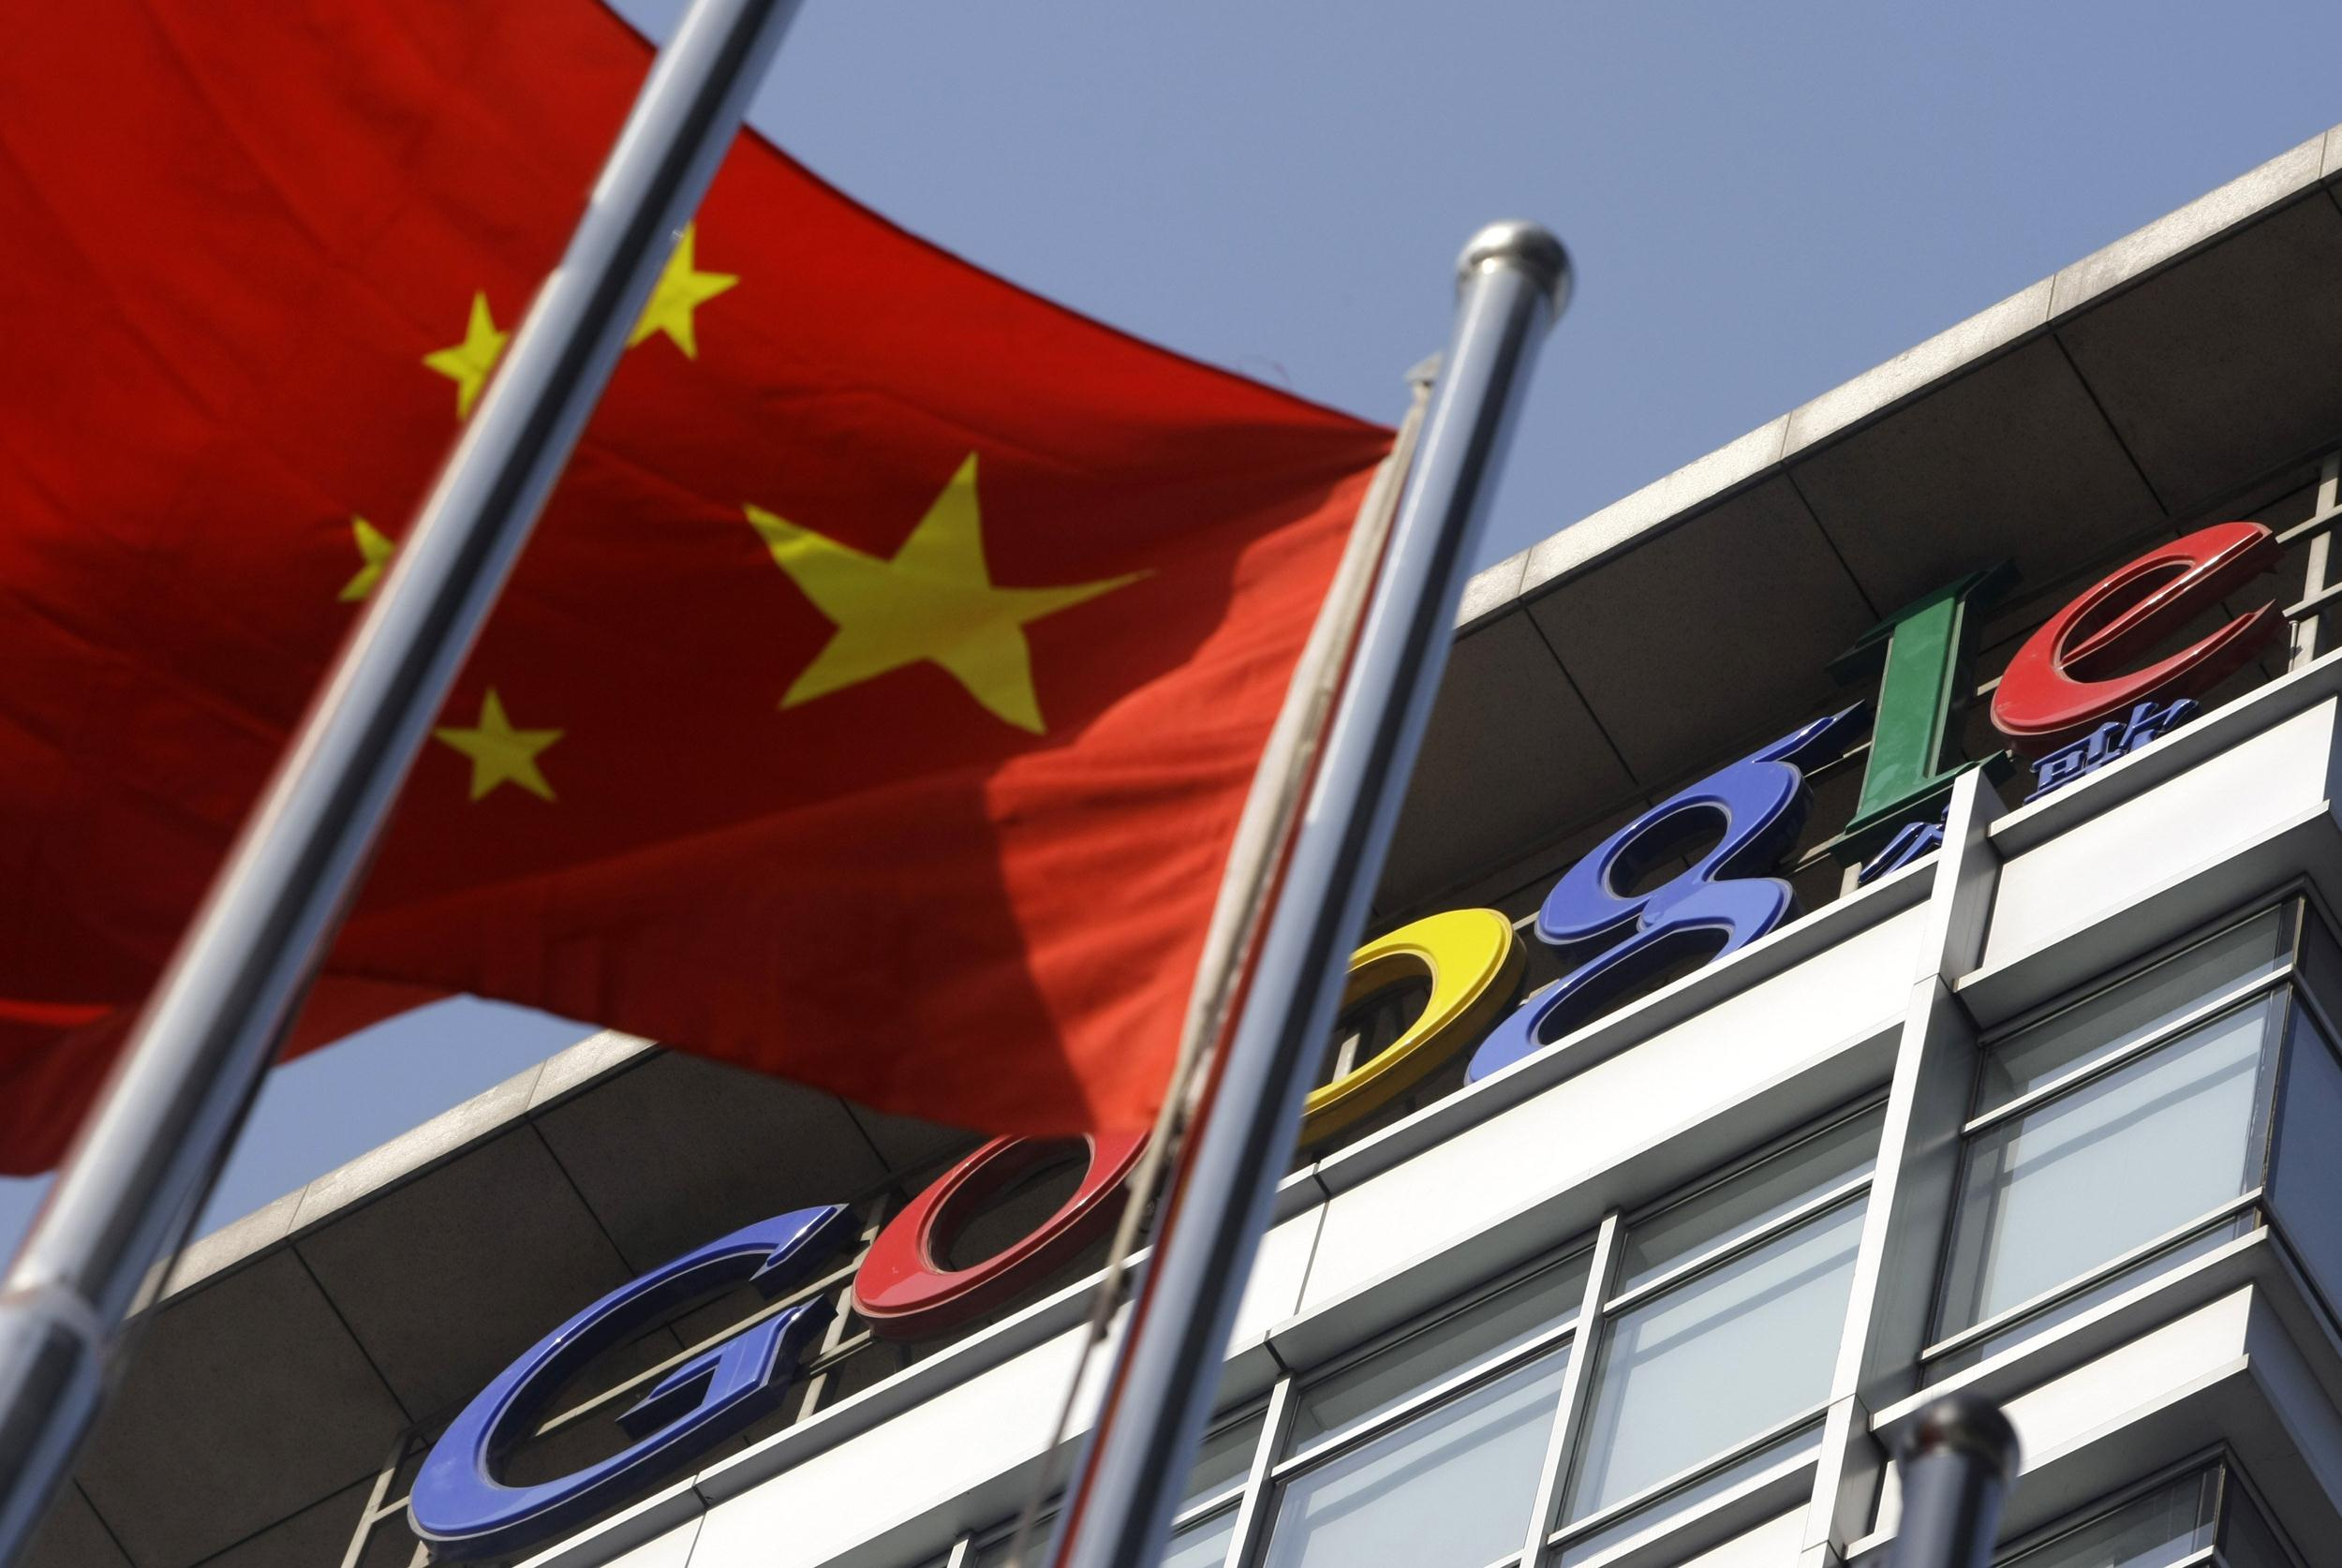 China memblok fasilitas GMail